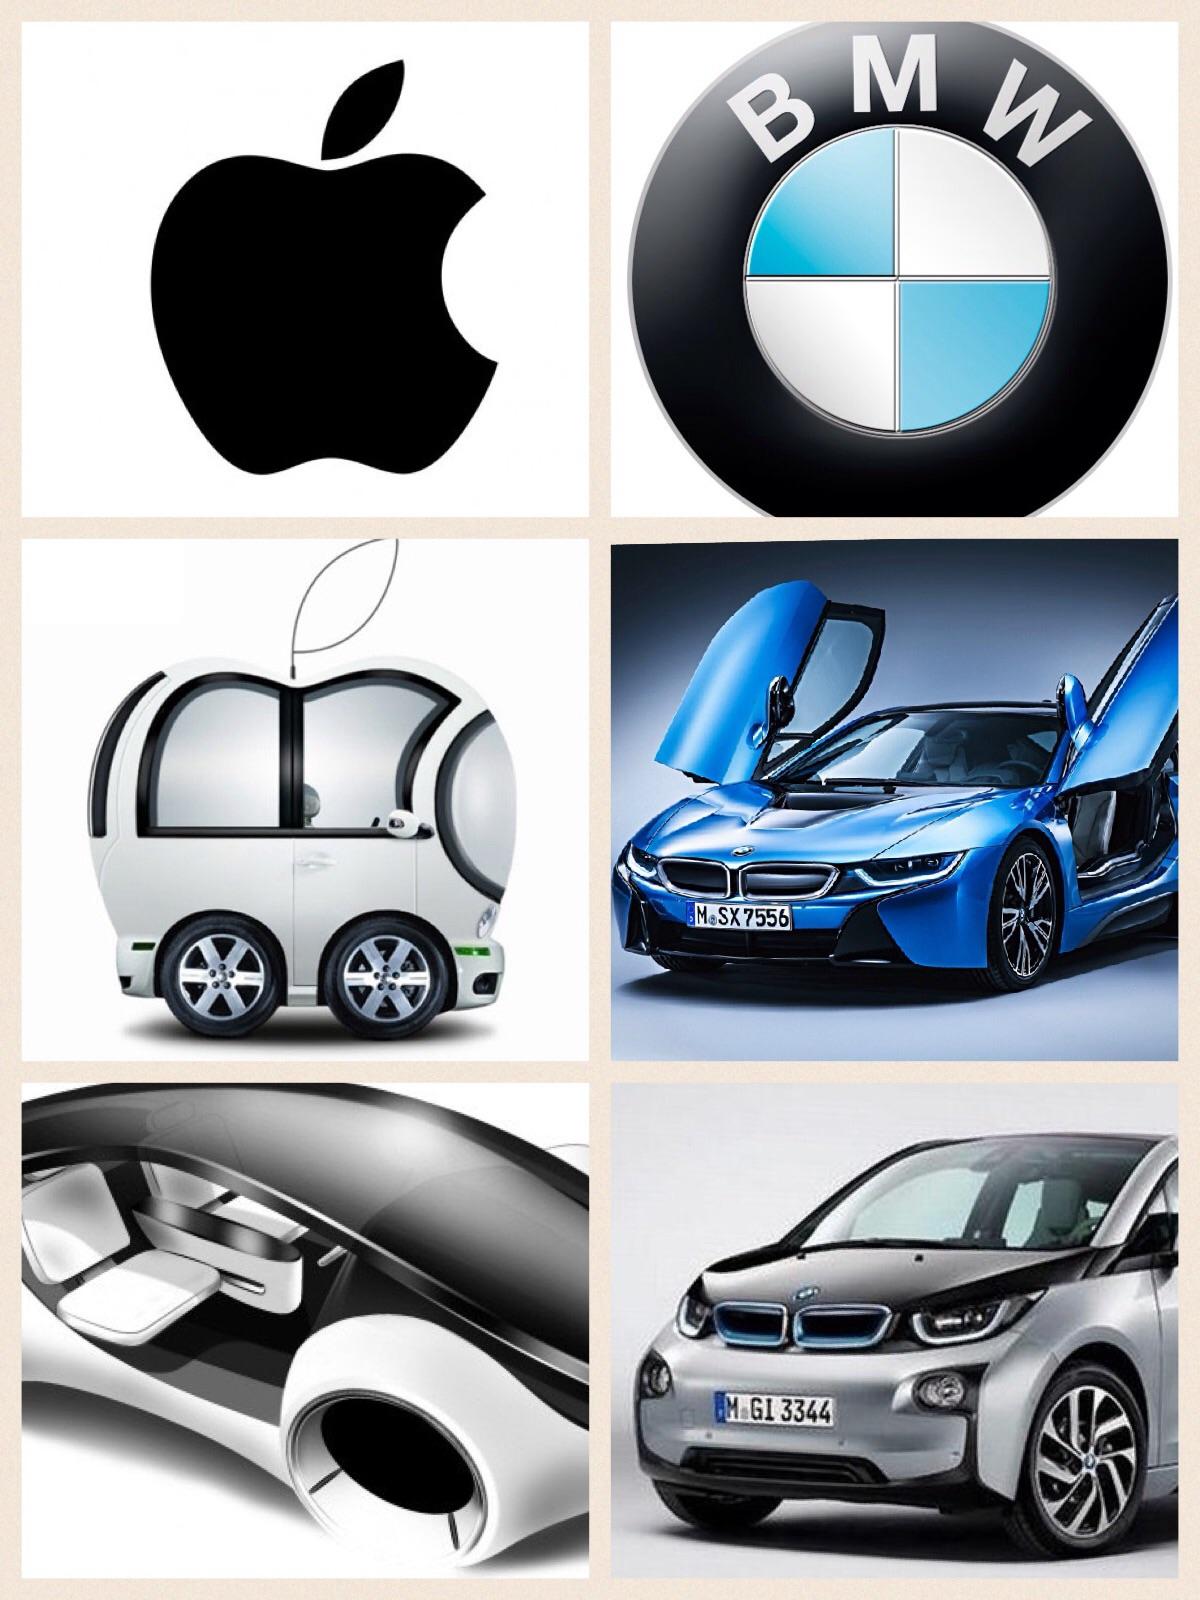 アップル BMW 提携?